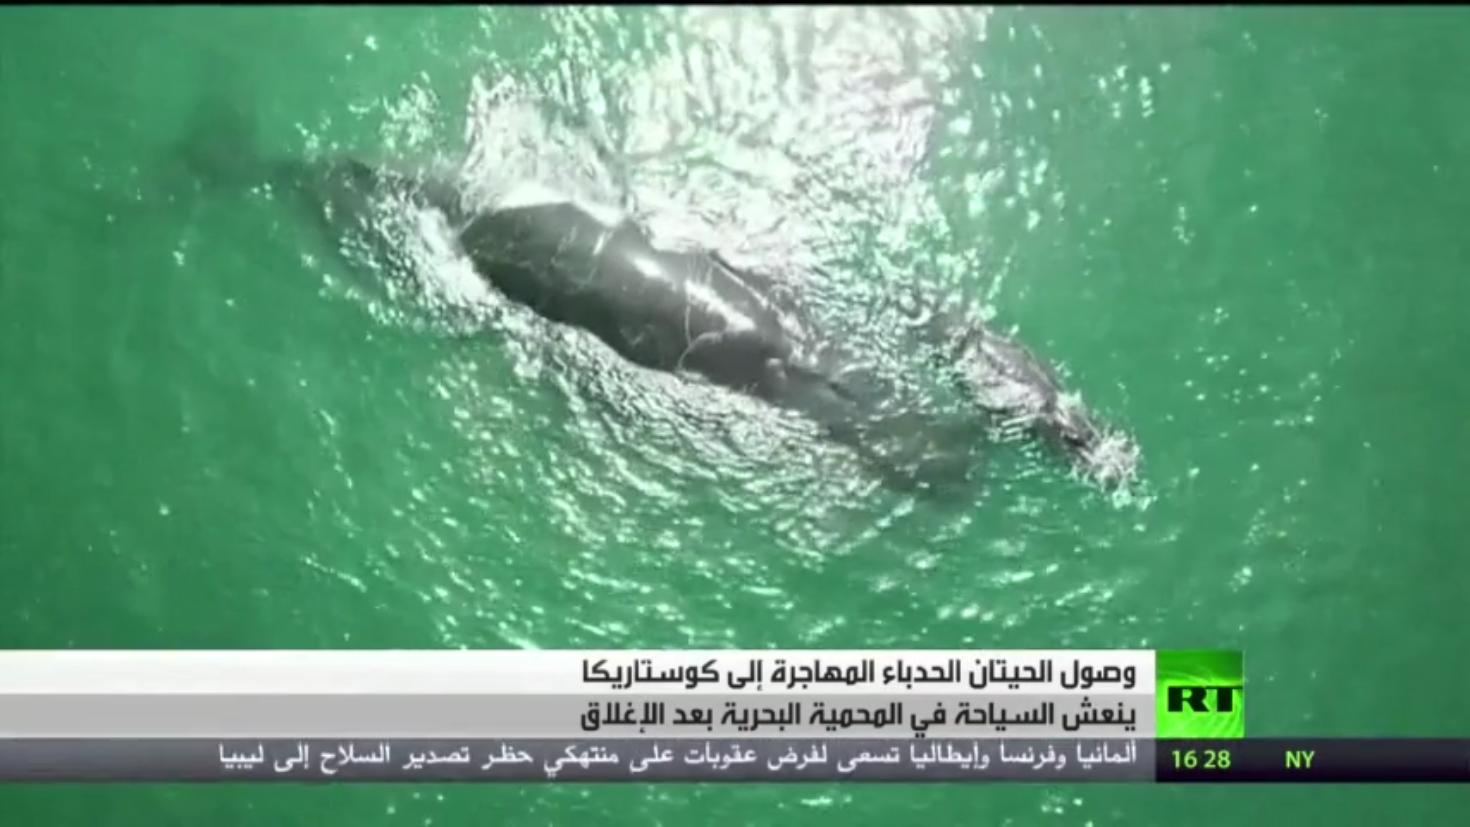 الحيتان الحدباء تنعش السياحة في كوستاريكا